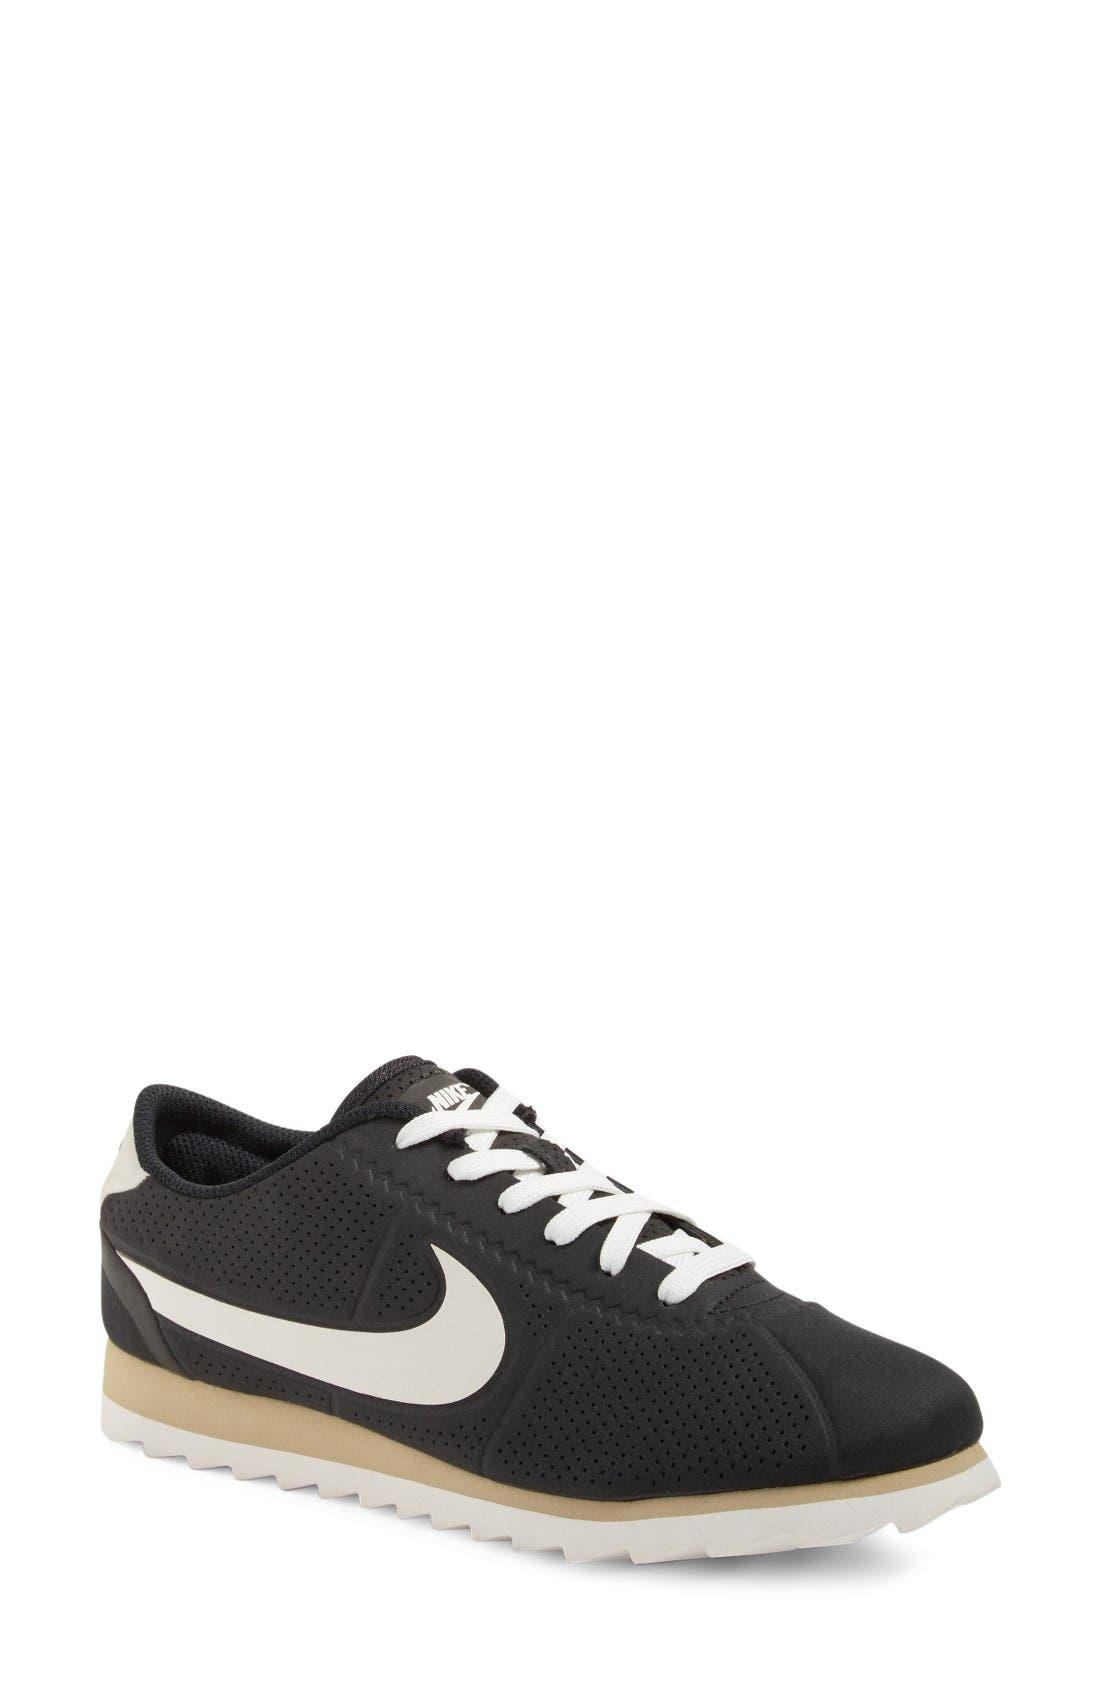 Main Image - Nike 'Cortez Ultra Moire' Sneaker (Women)